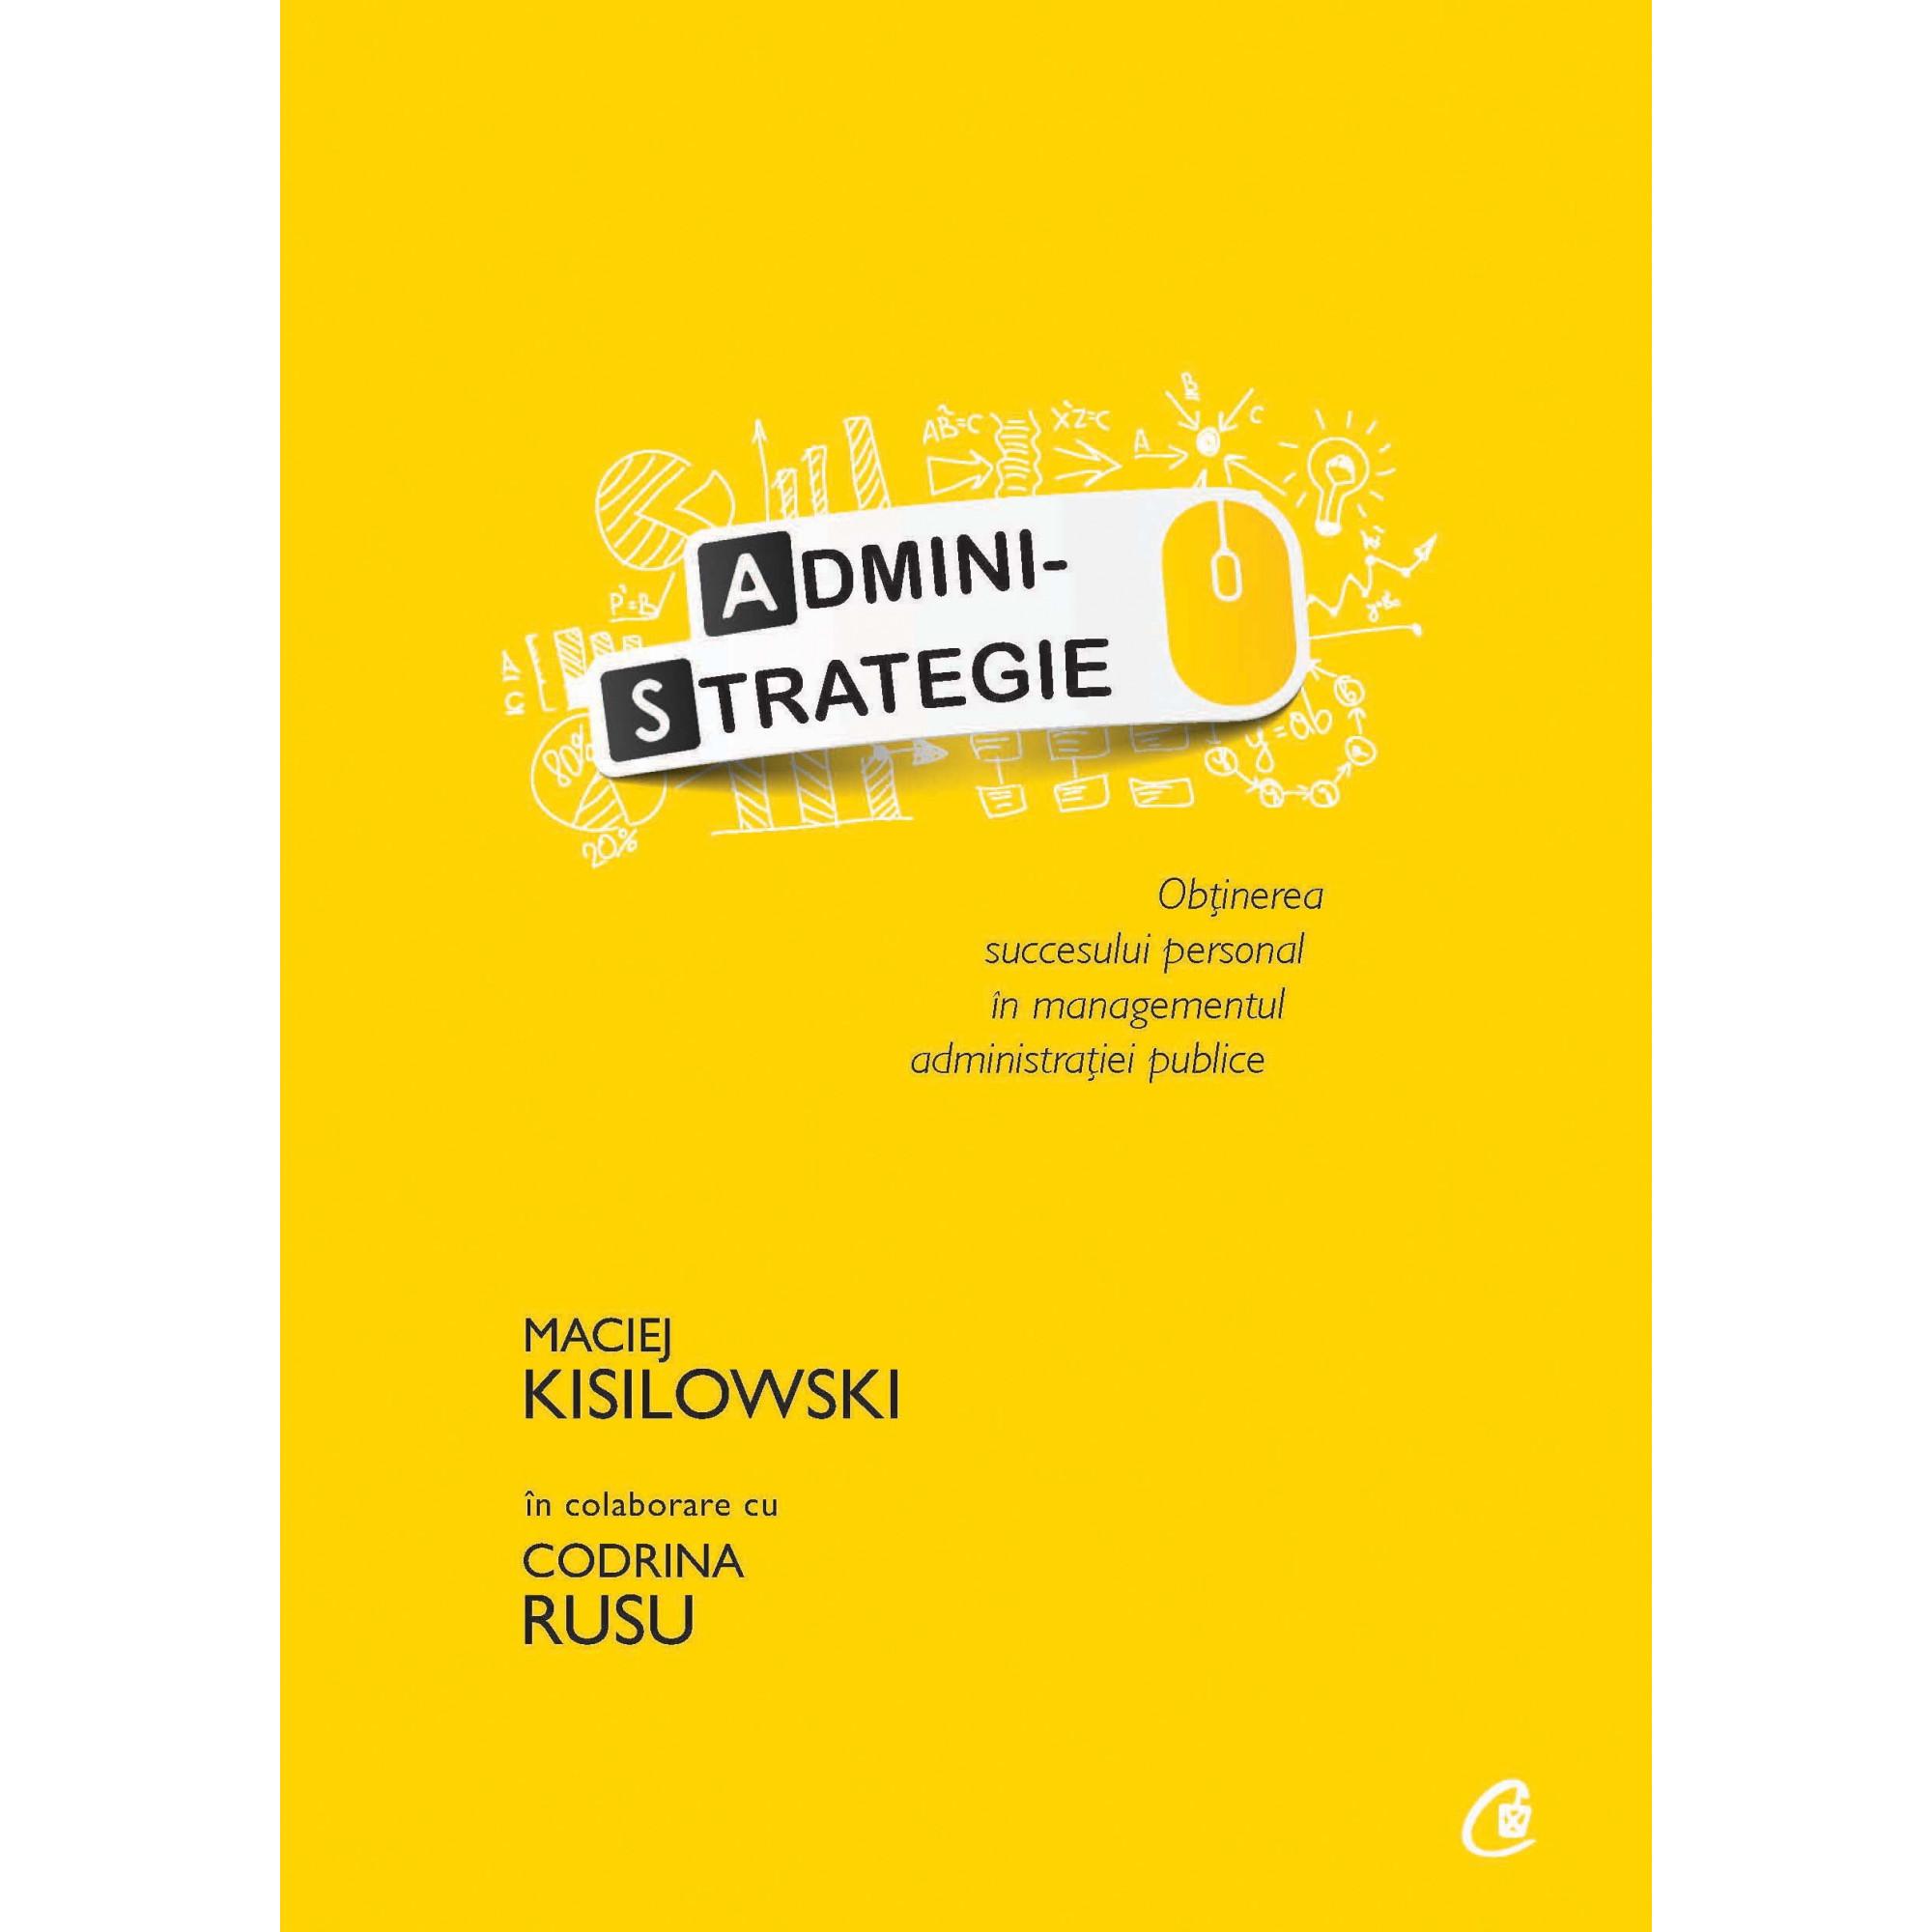 Administrategie. Obținerea succesului personal în managementul administrației publice